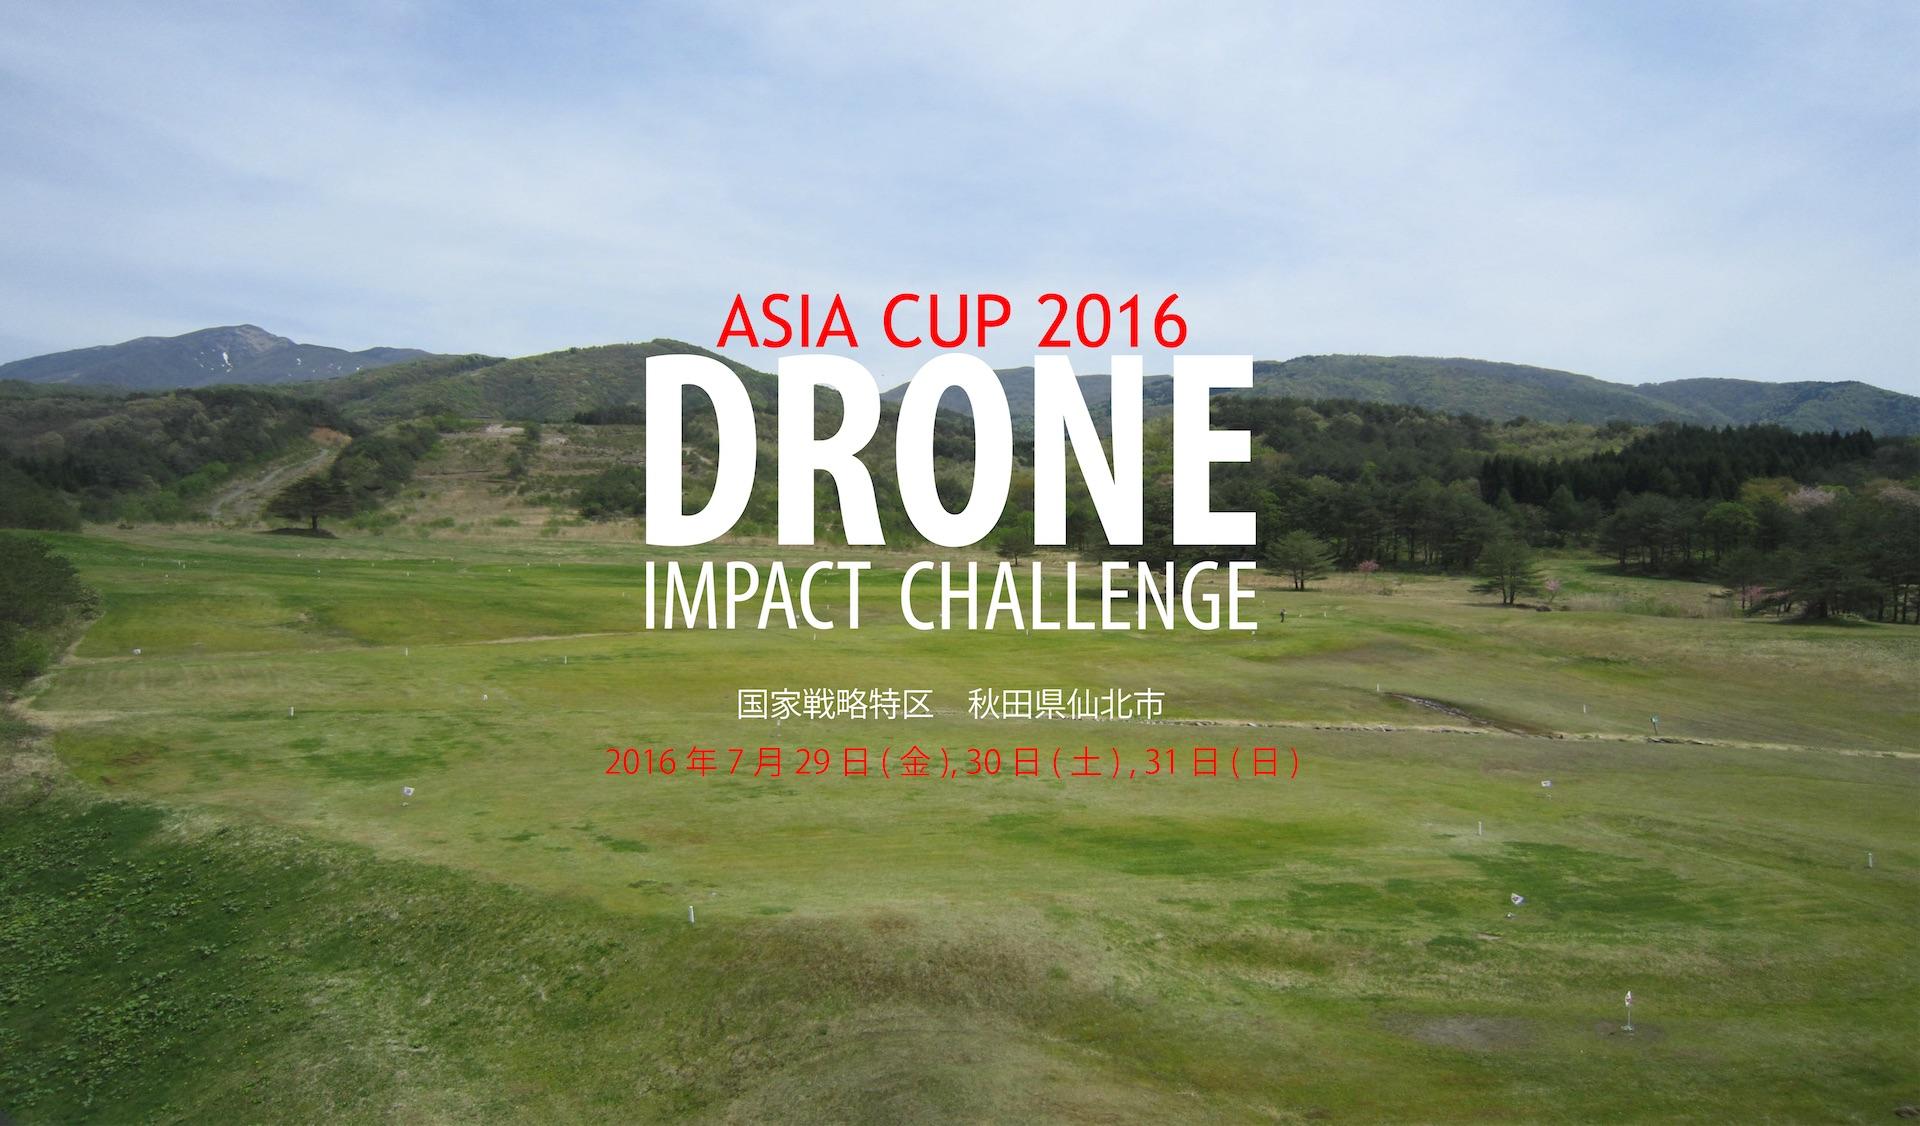 ドローンインパクトチャレンジ アジアカップ 2016